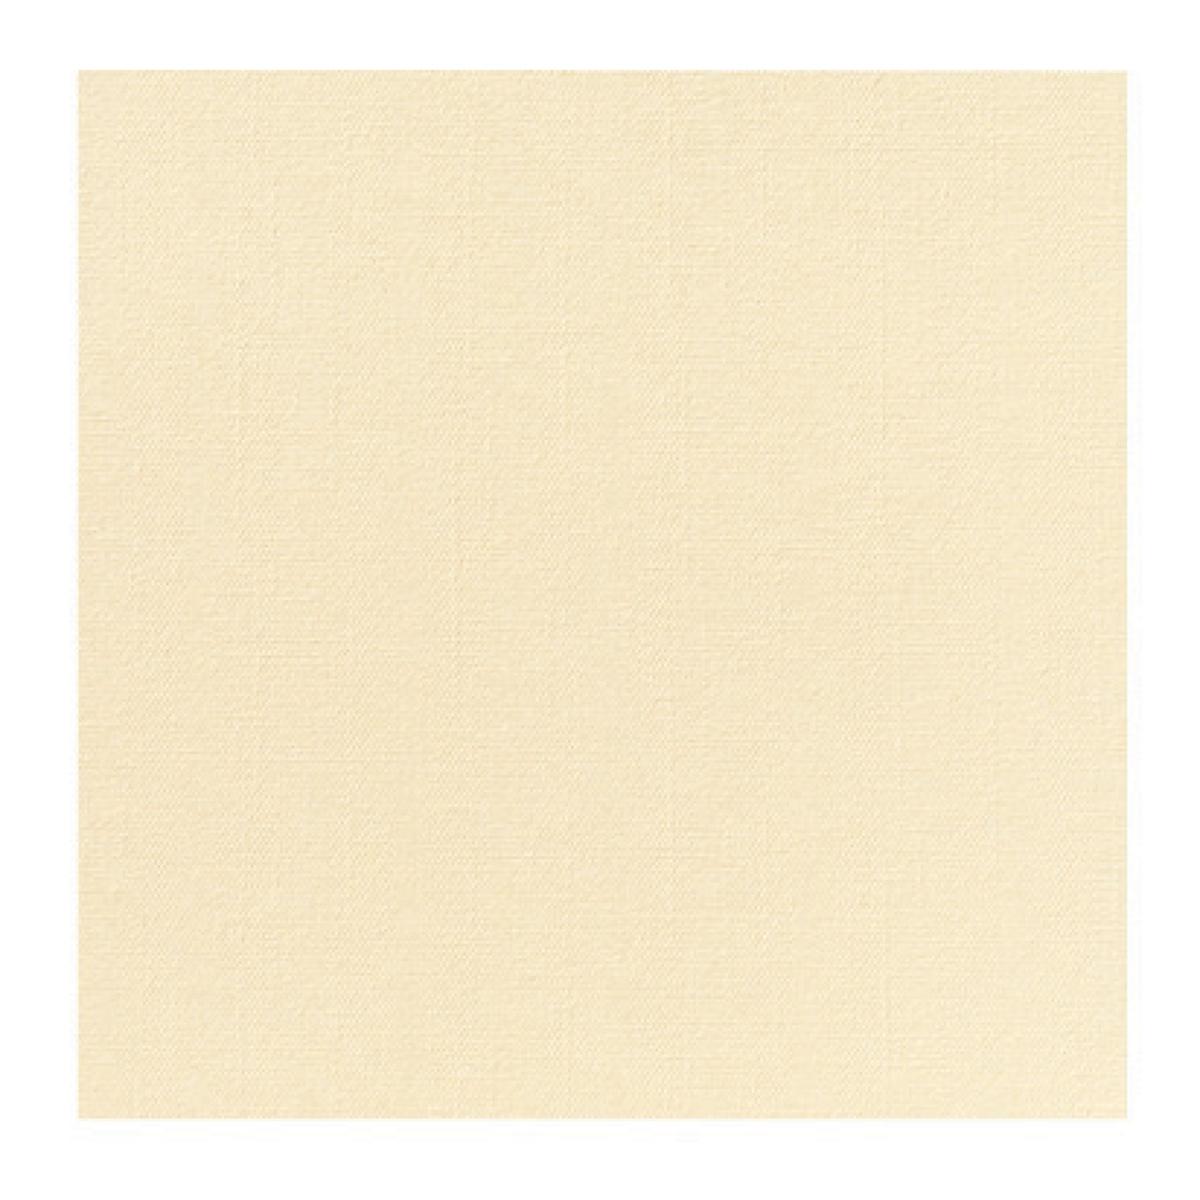 Serviette crème non tissé 40x40 cm Airlaid Duni (60 pièces)